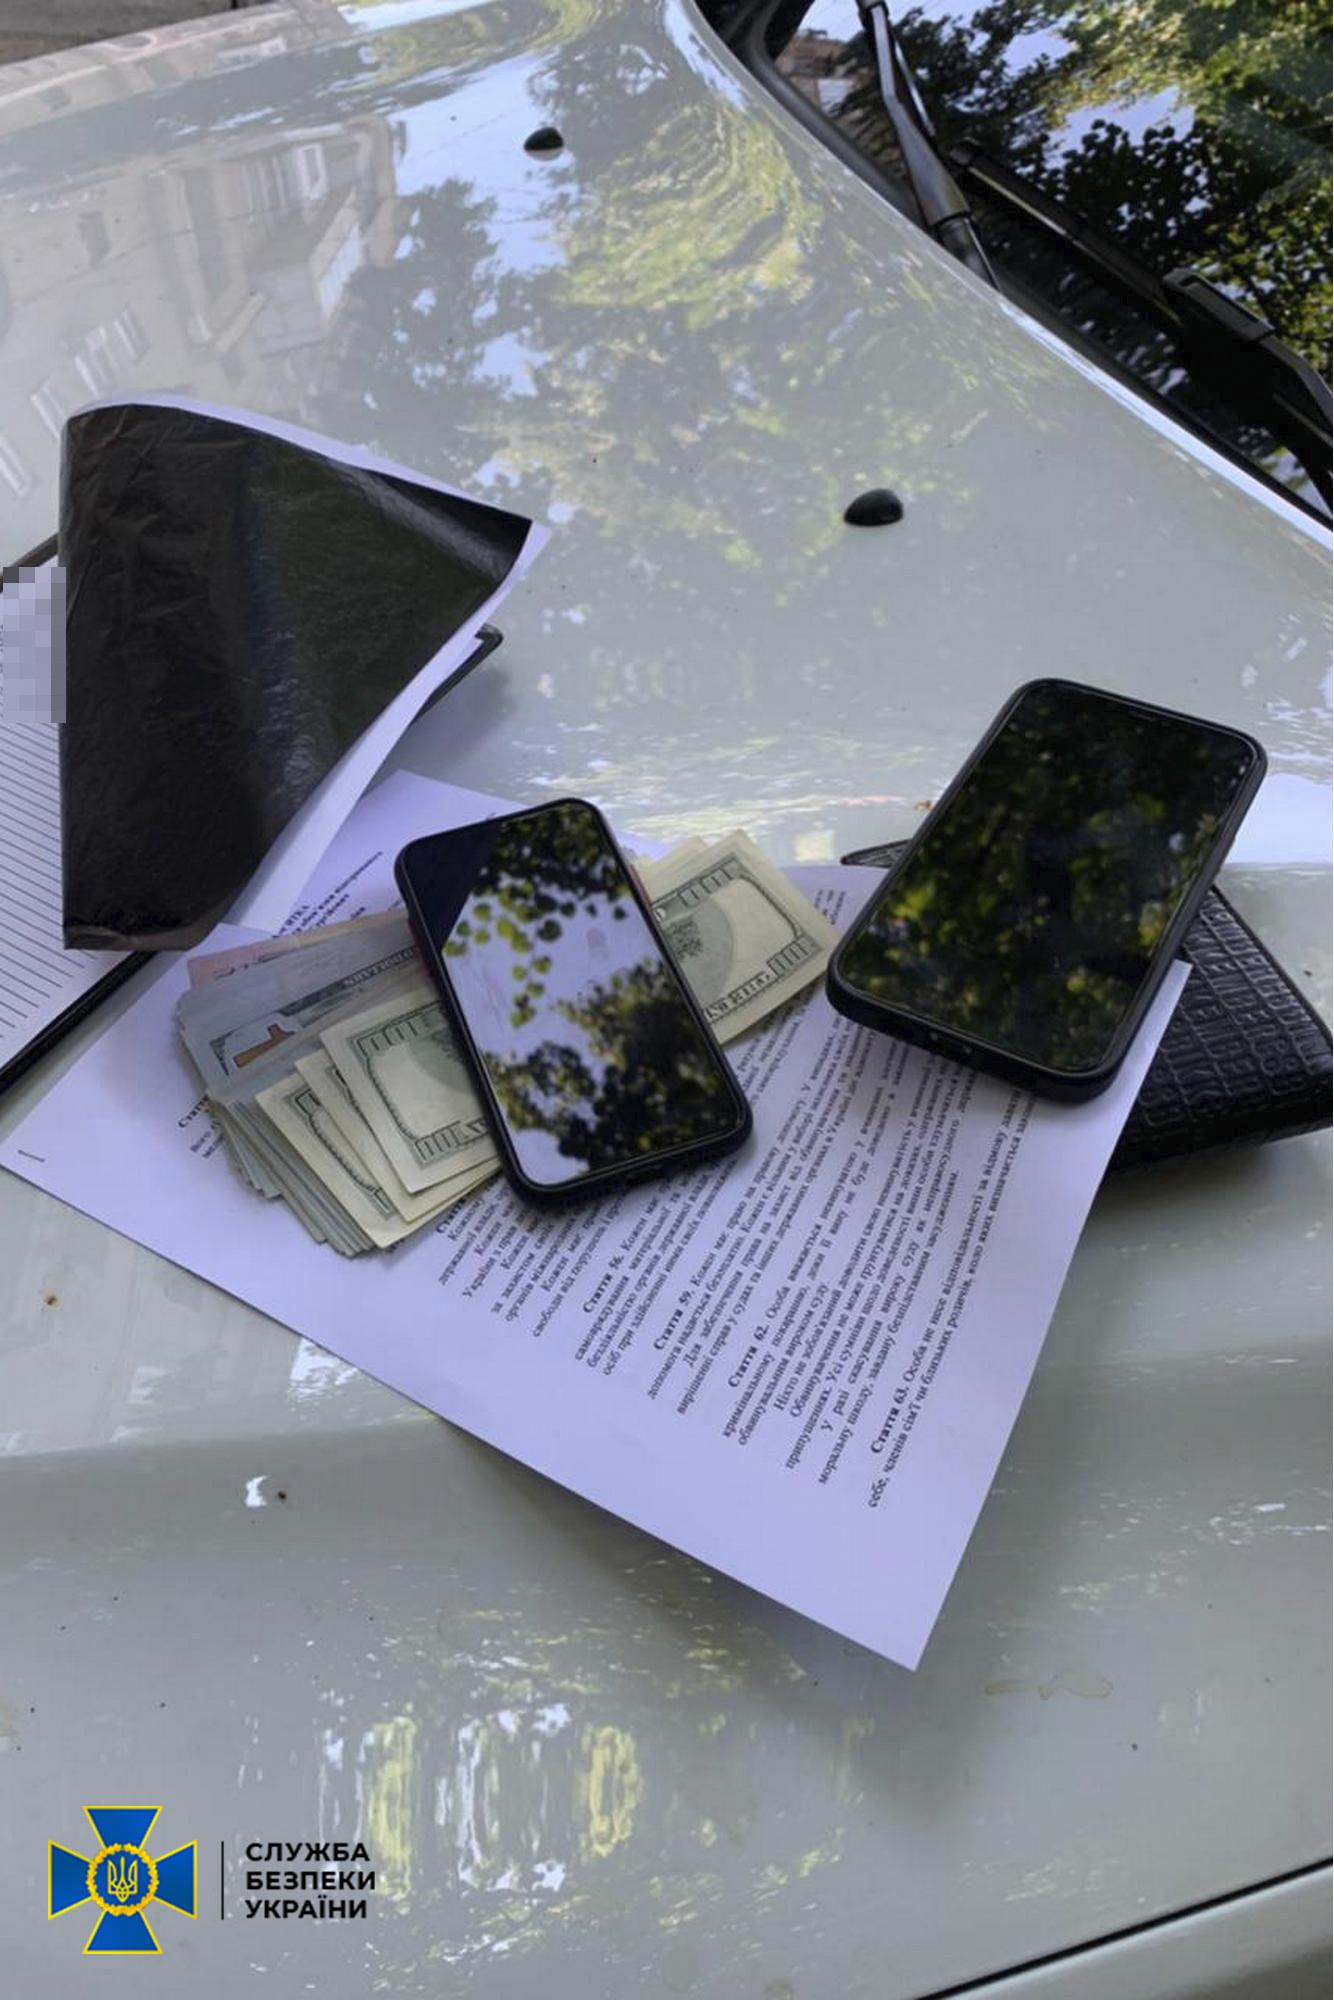 Харьковского пограничника задержали при получении взятки на общую сумму почти 13 тыс. долларов (фото)